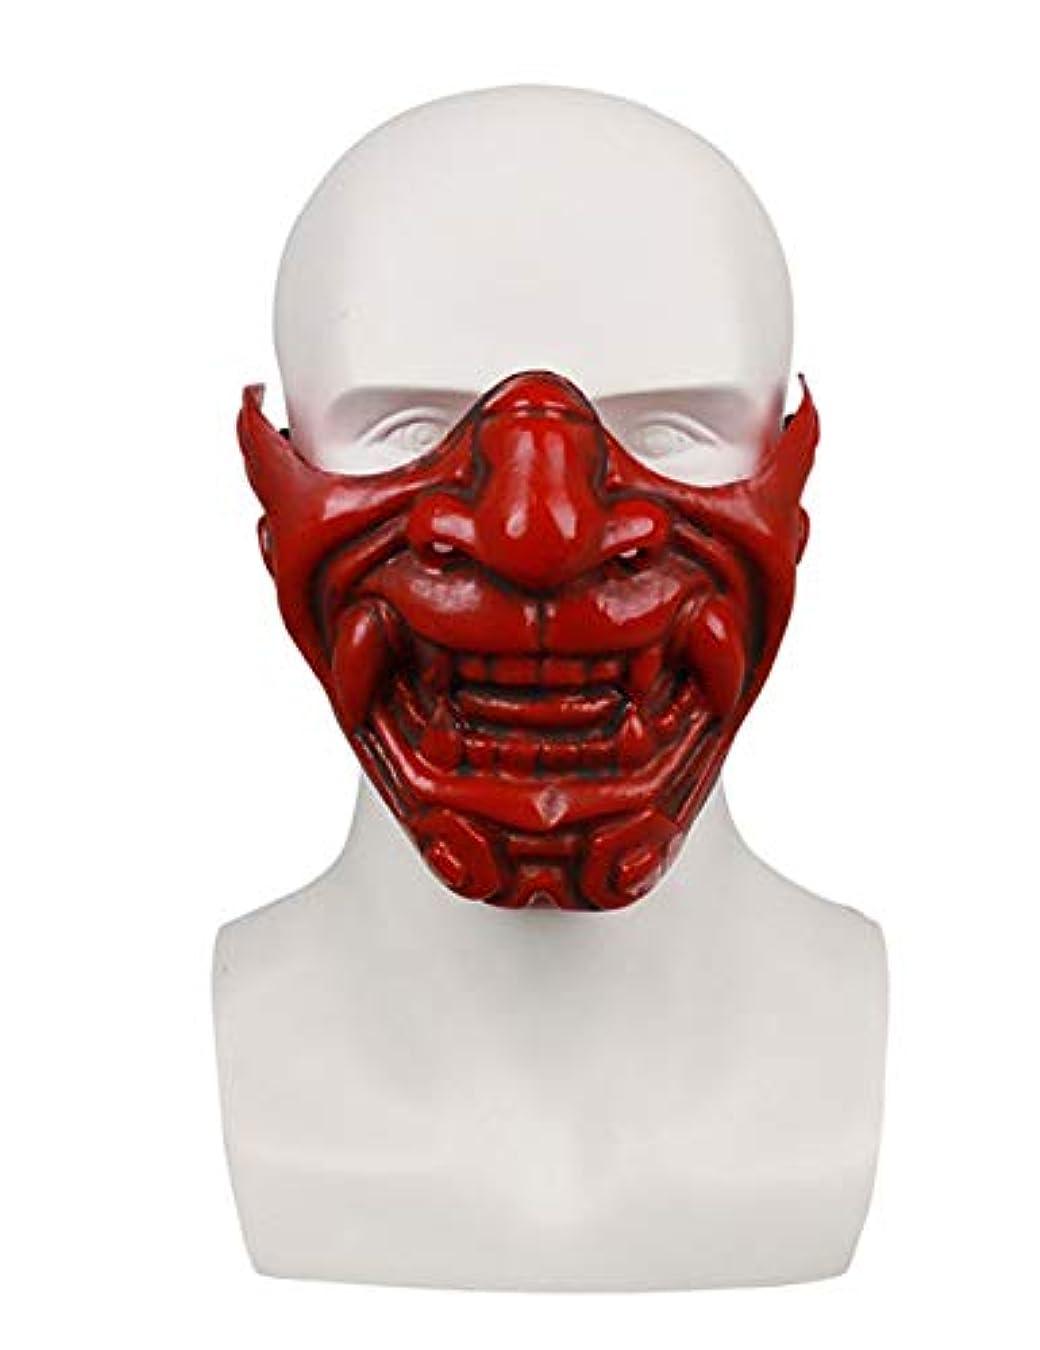 固執動作変成器ハロウィーンハーフフェイスマスクホラーデビルマスク映画の小道具仮装マスク (Color : BLACK)